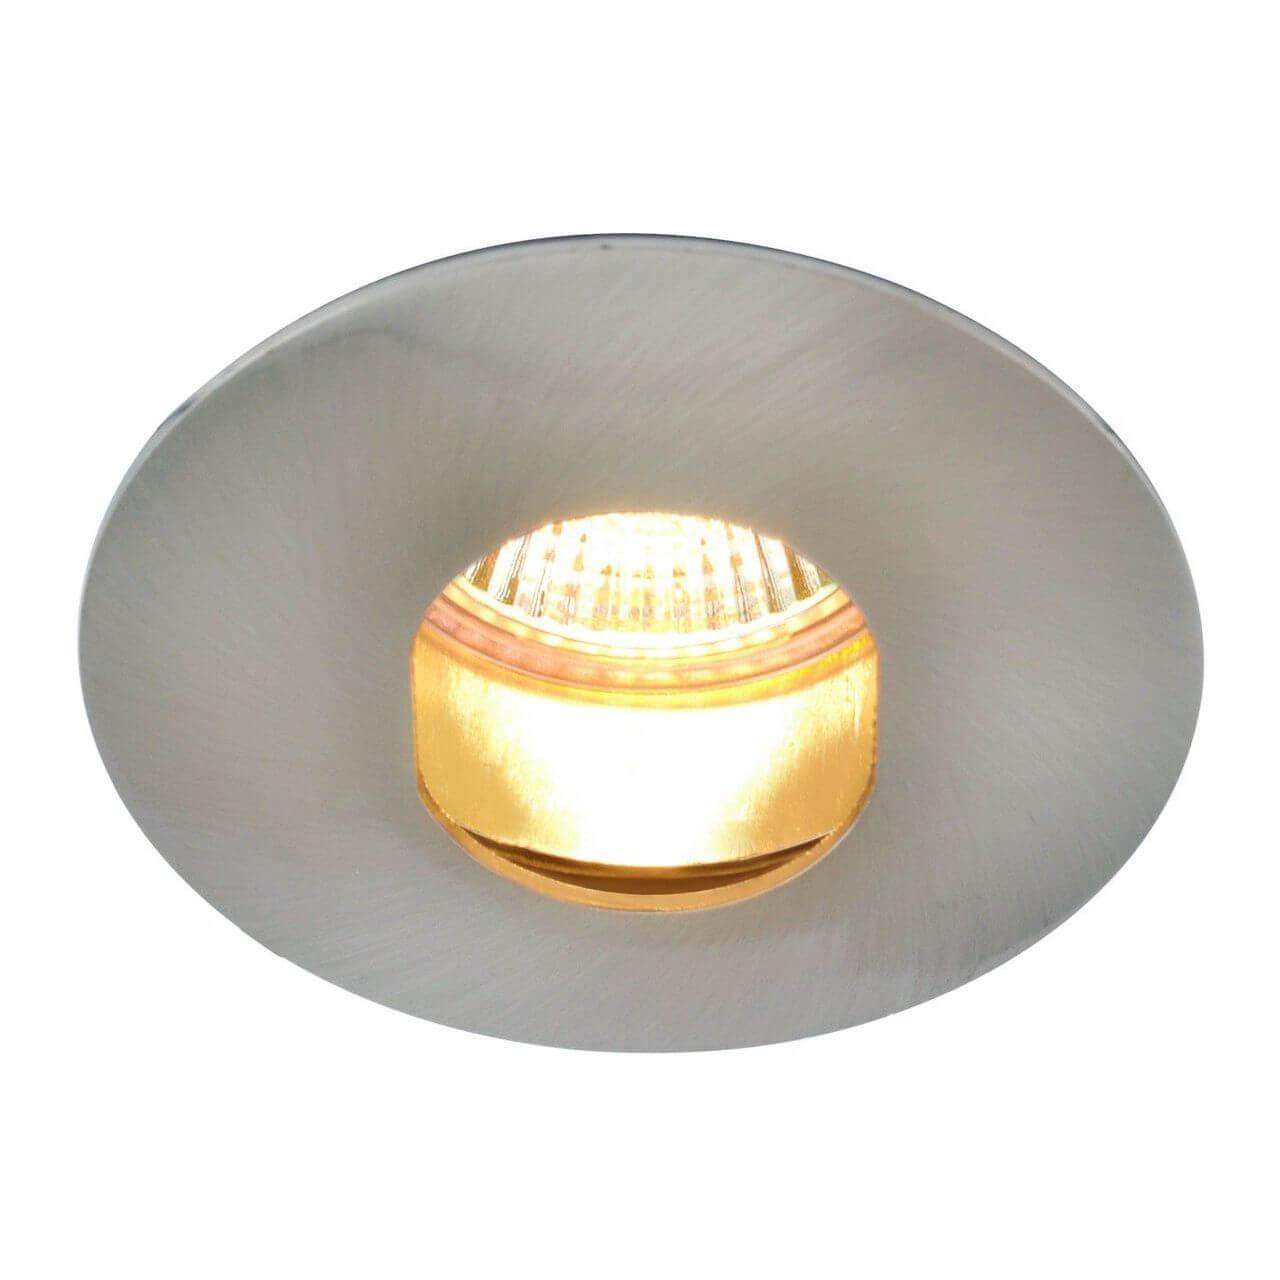 Встраиваемый светильник Arte Lamp Accento A3219PL-1SS цена в Москве и Питере